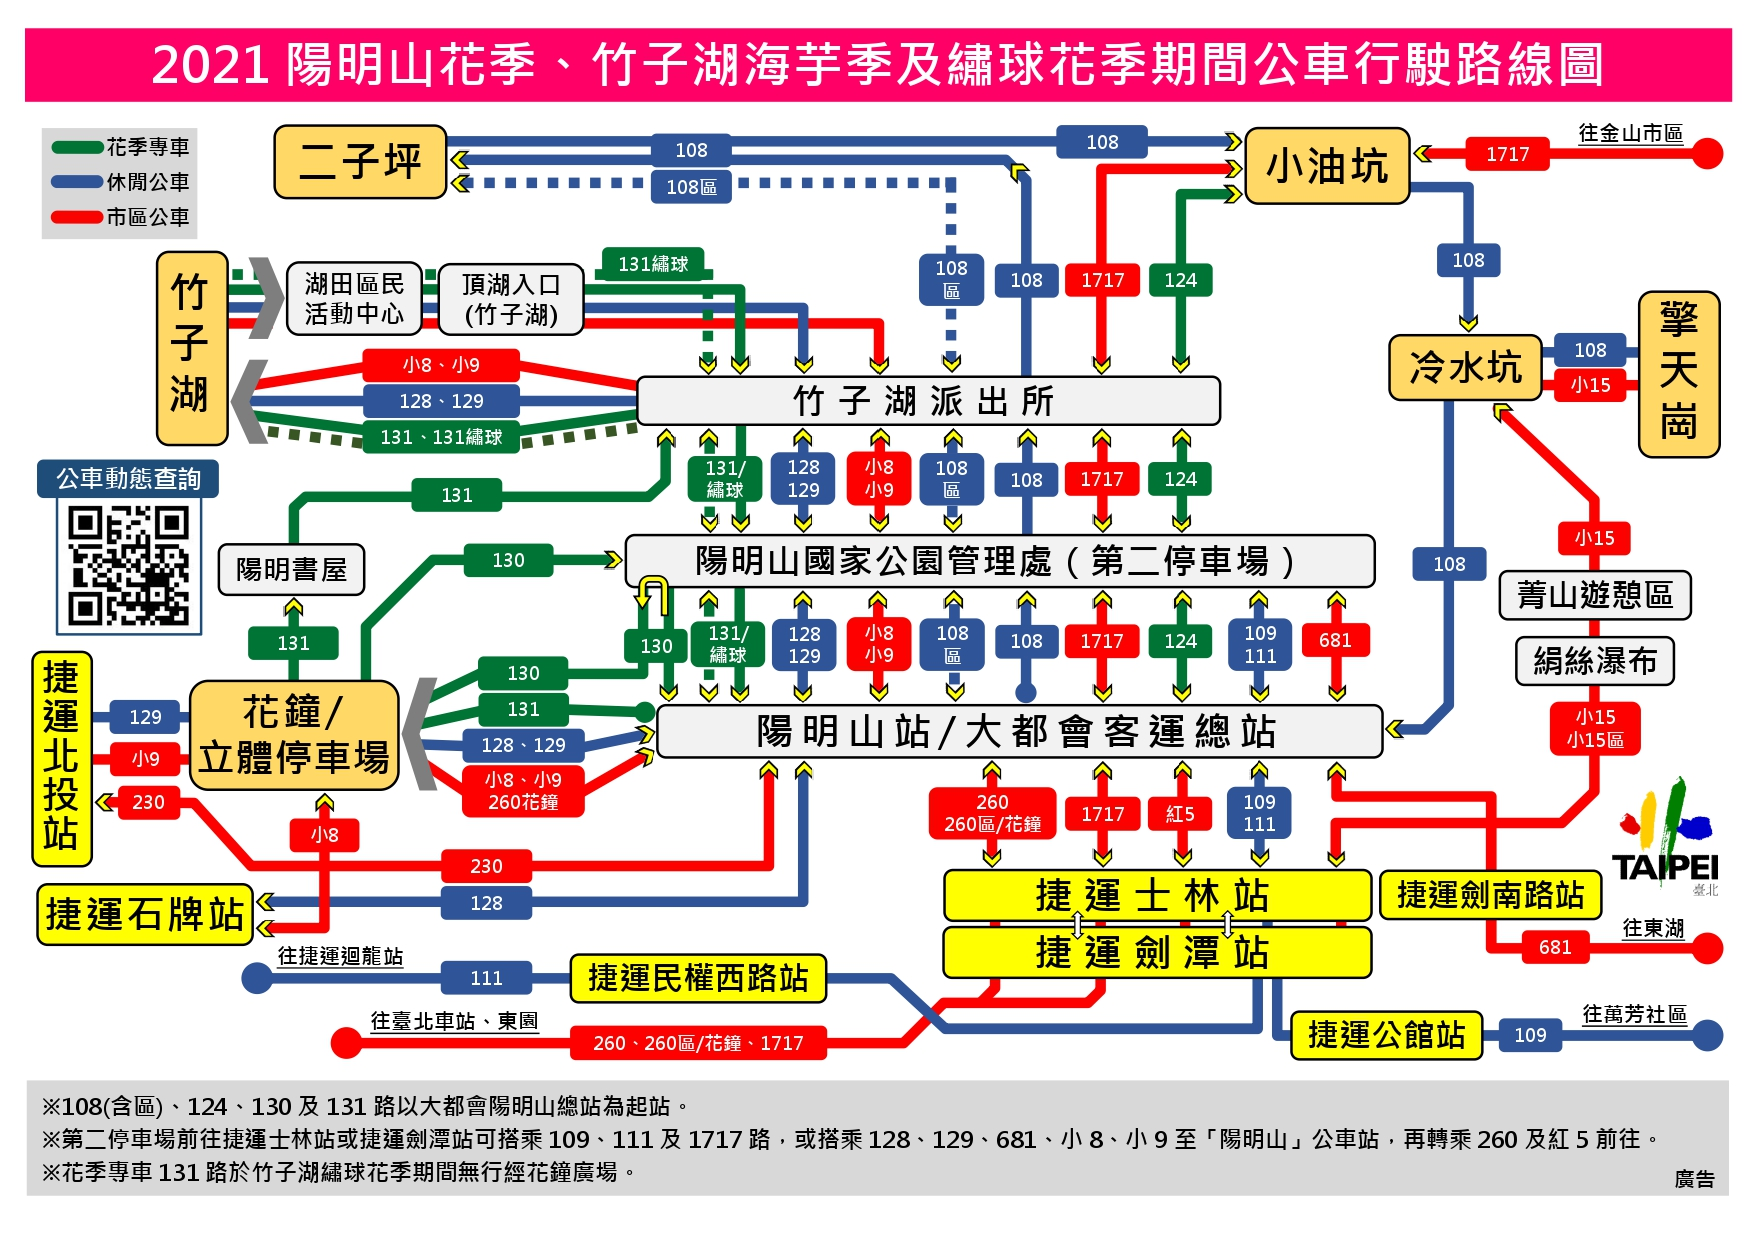 2021陽明山花季交通資訊